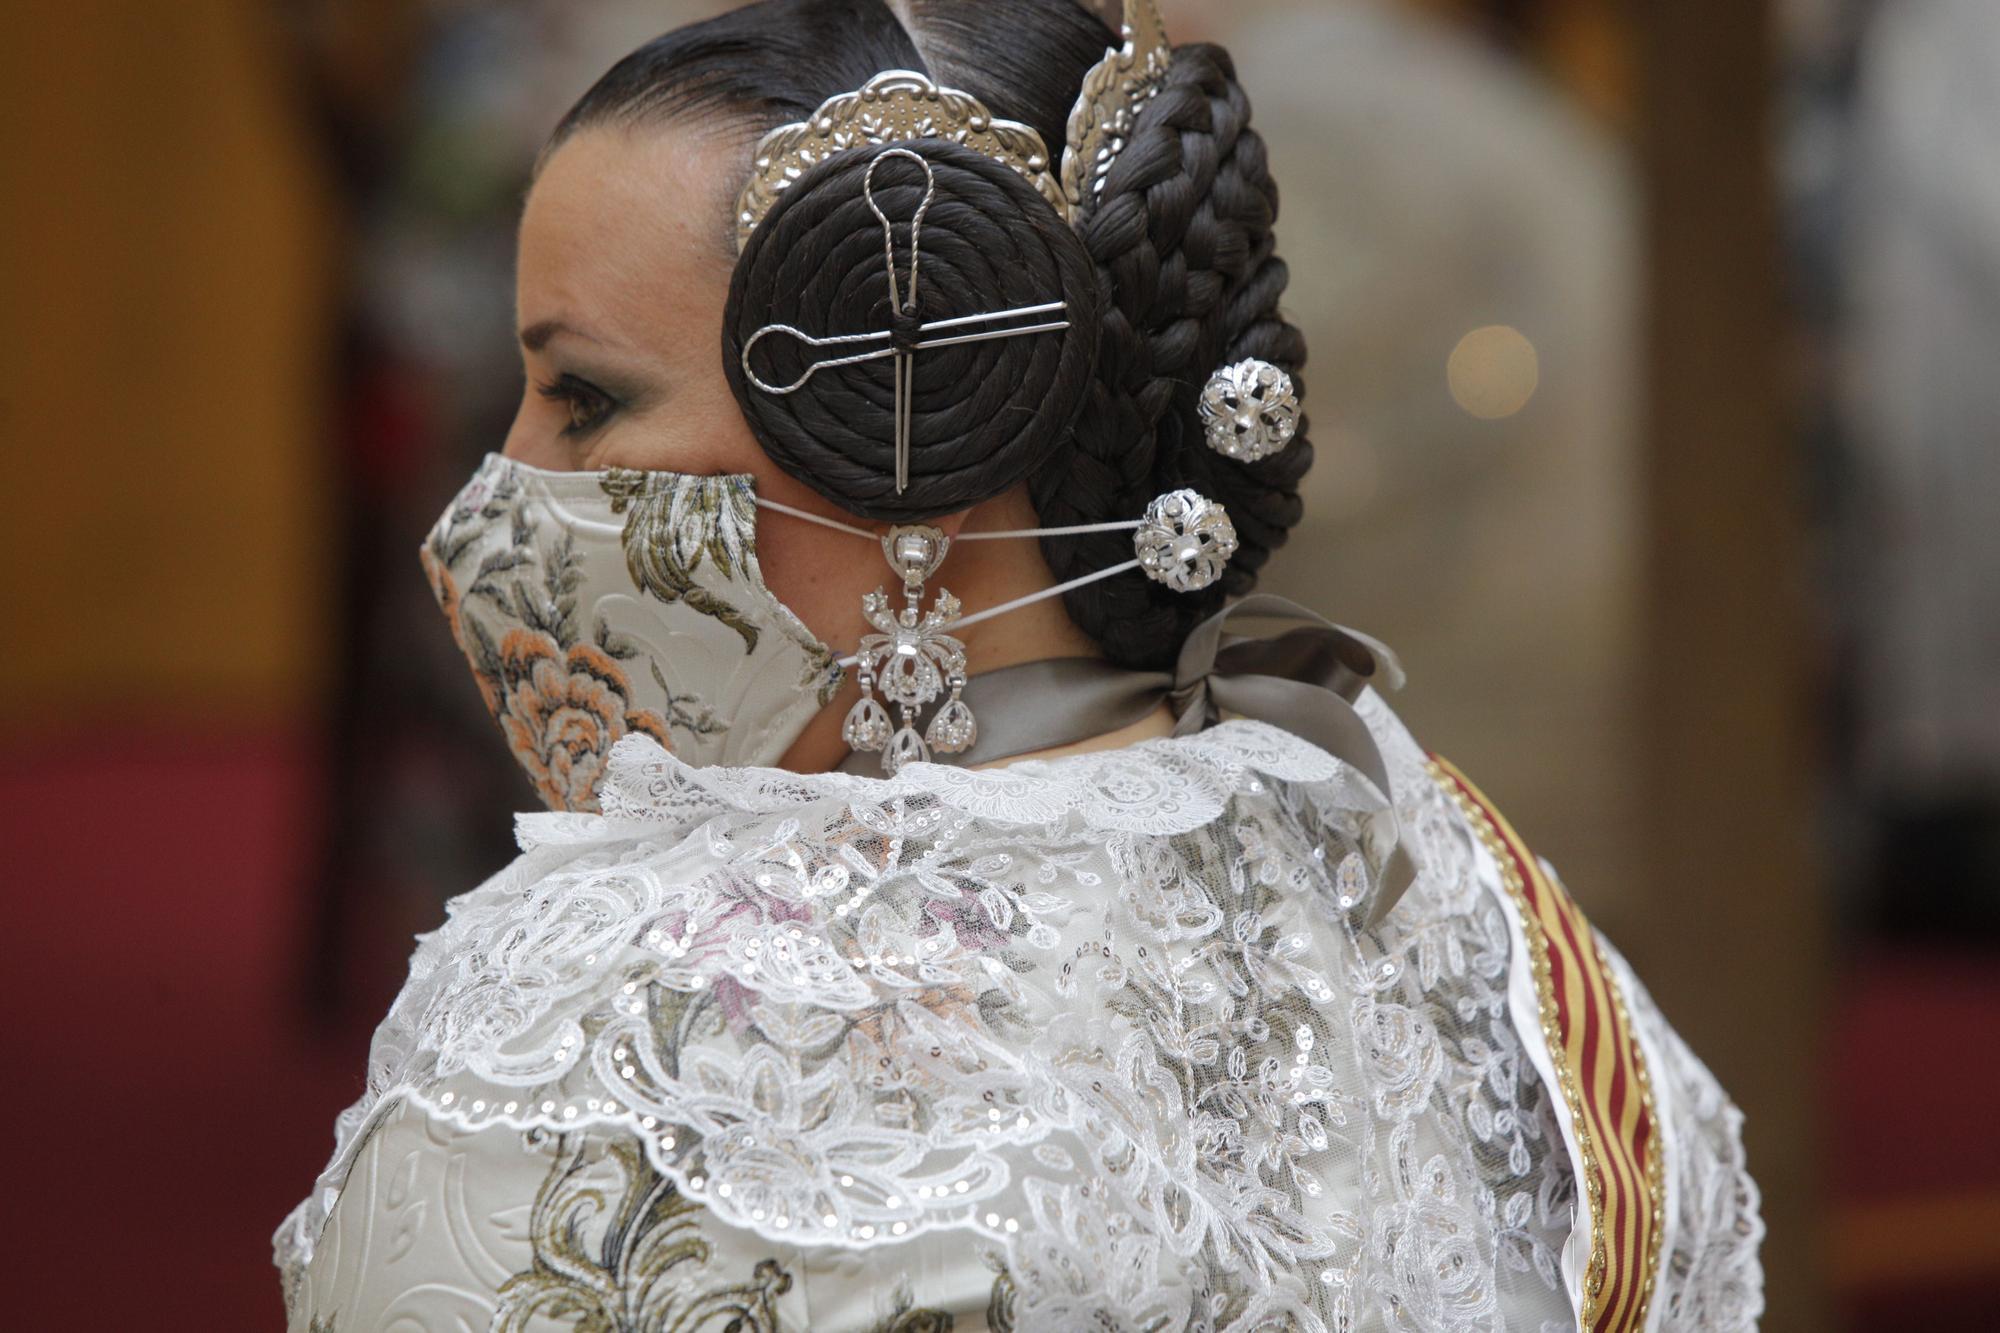 Indumentaria tradicional en el primer acto de las Fallas 2022 (Días 24 y 25)